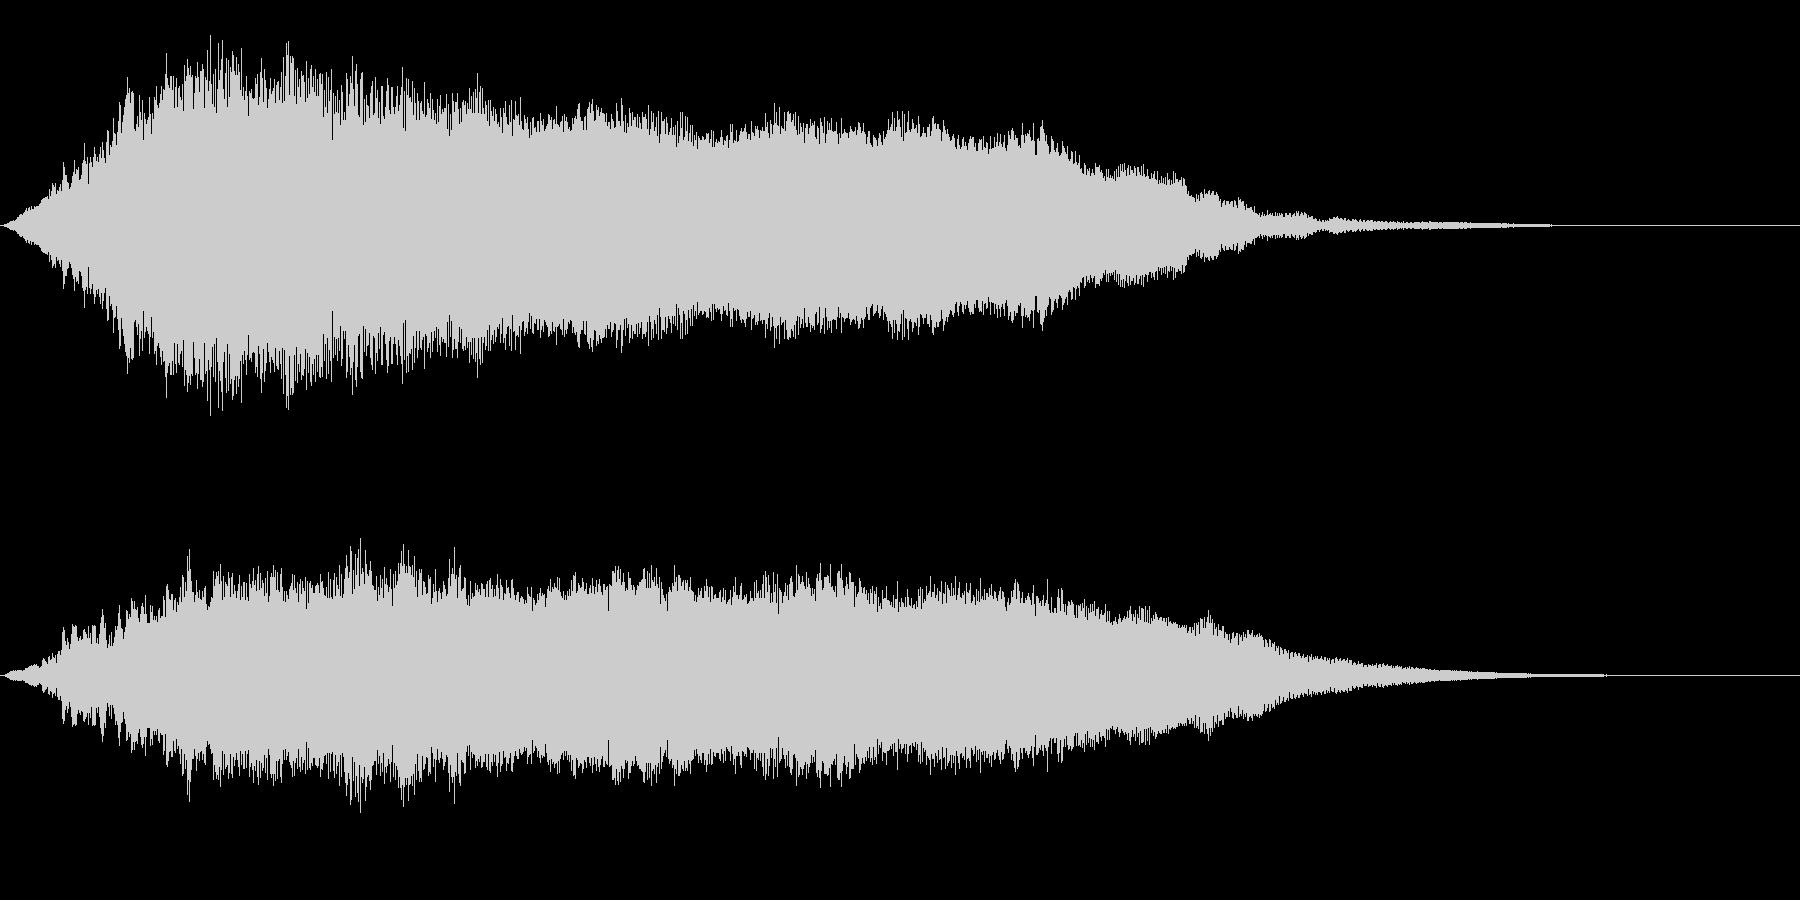 タイタニック船の内部的なサスペンスSEの未再生の波形